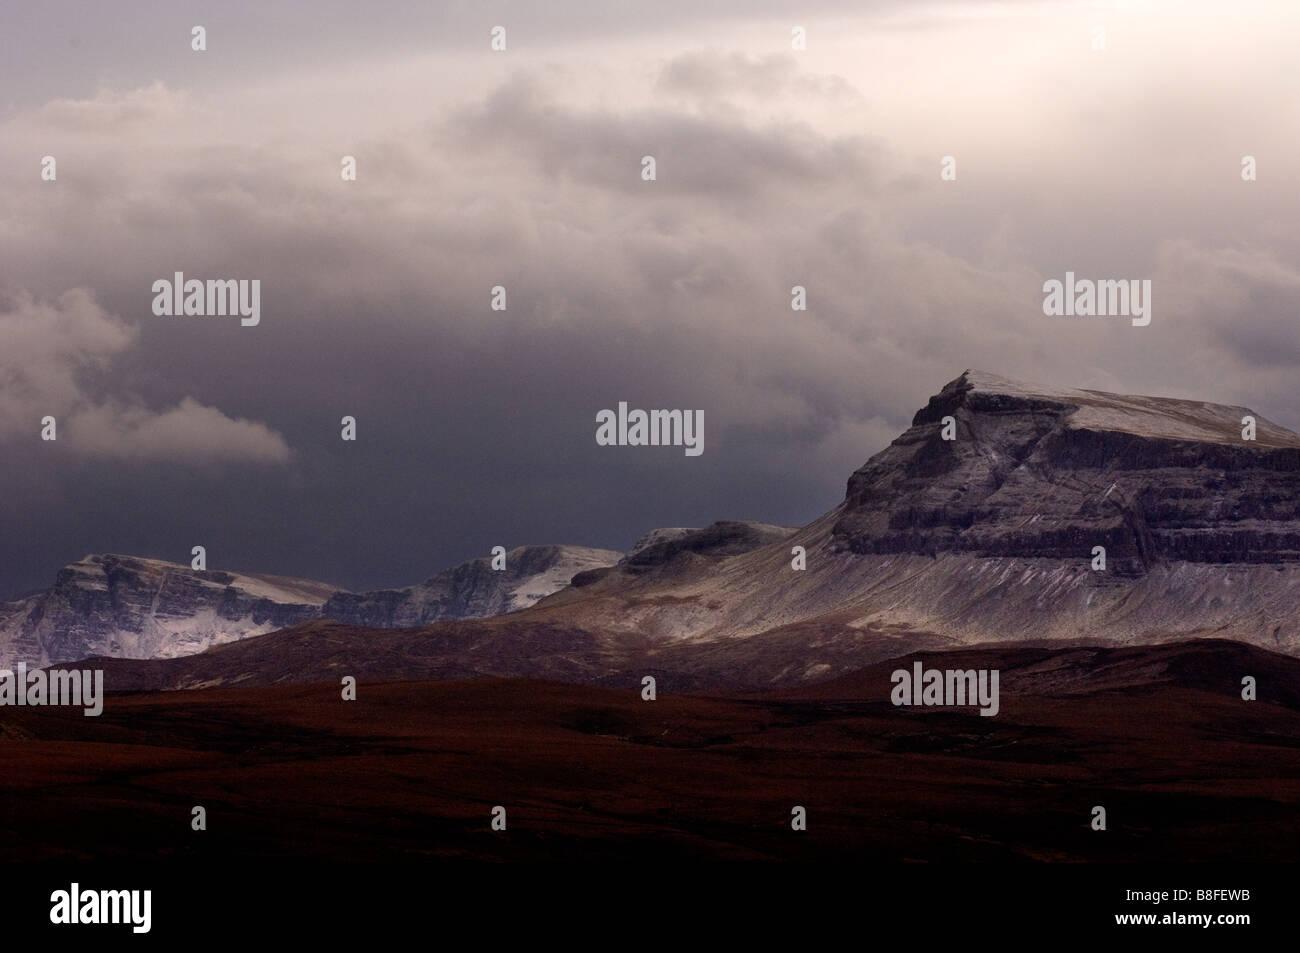 isle of skye scotland highlands - Stock Image